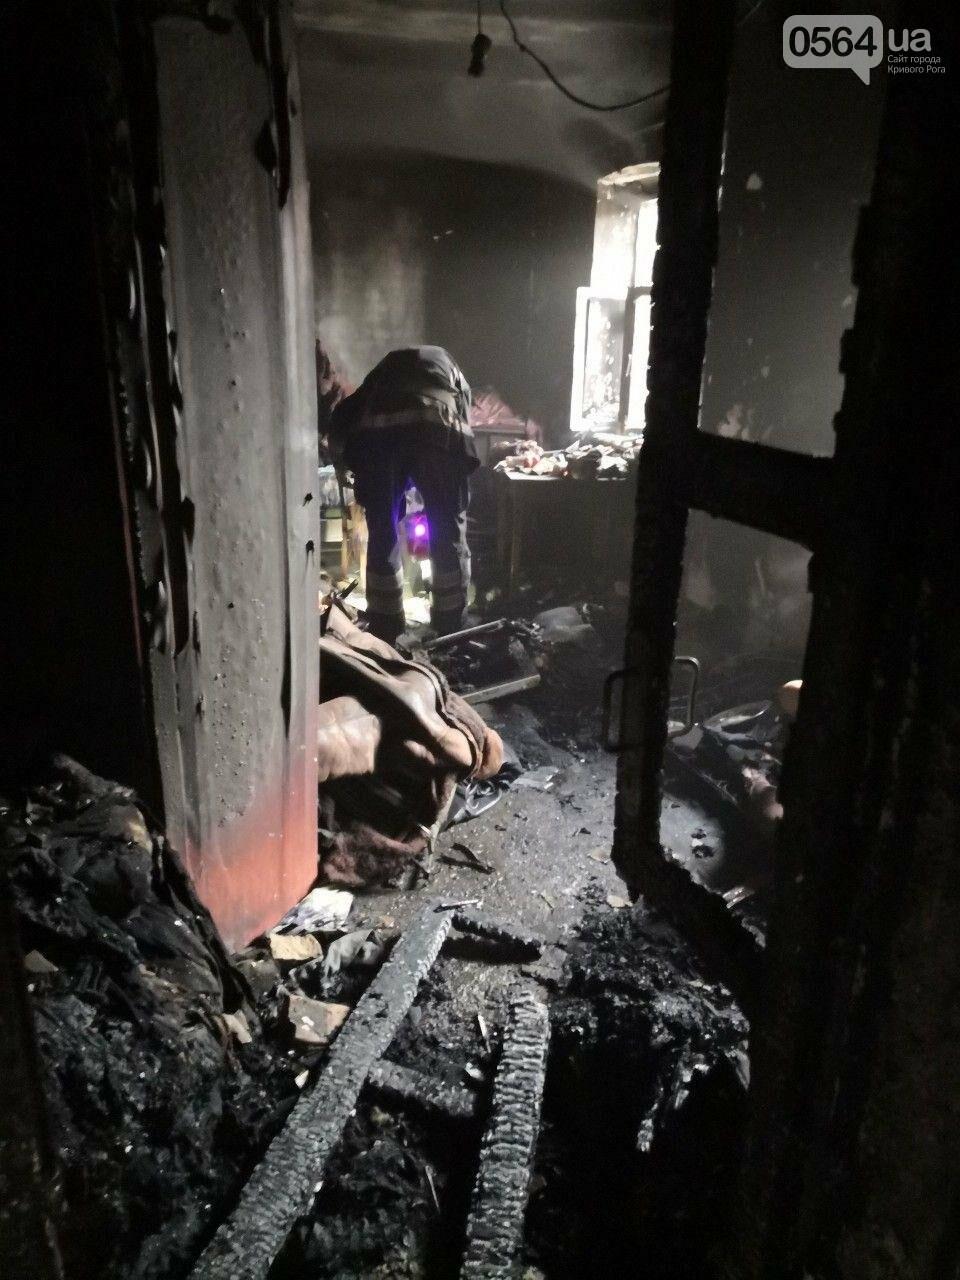 Труп мужчины обнаружили спасатели во время ликвидации пожара в частном доме в Кривом Роге, - ФОТО , фото-3